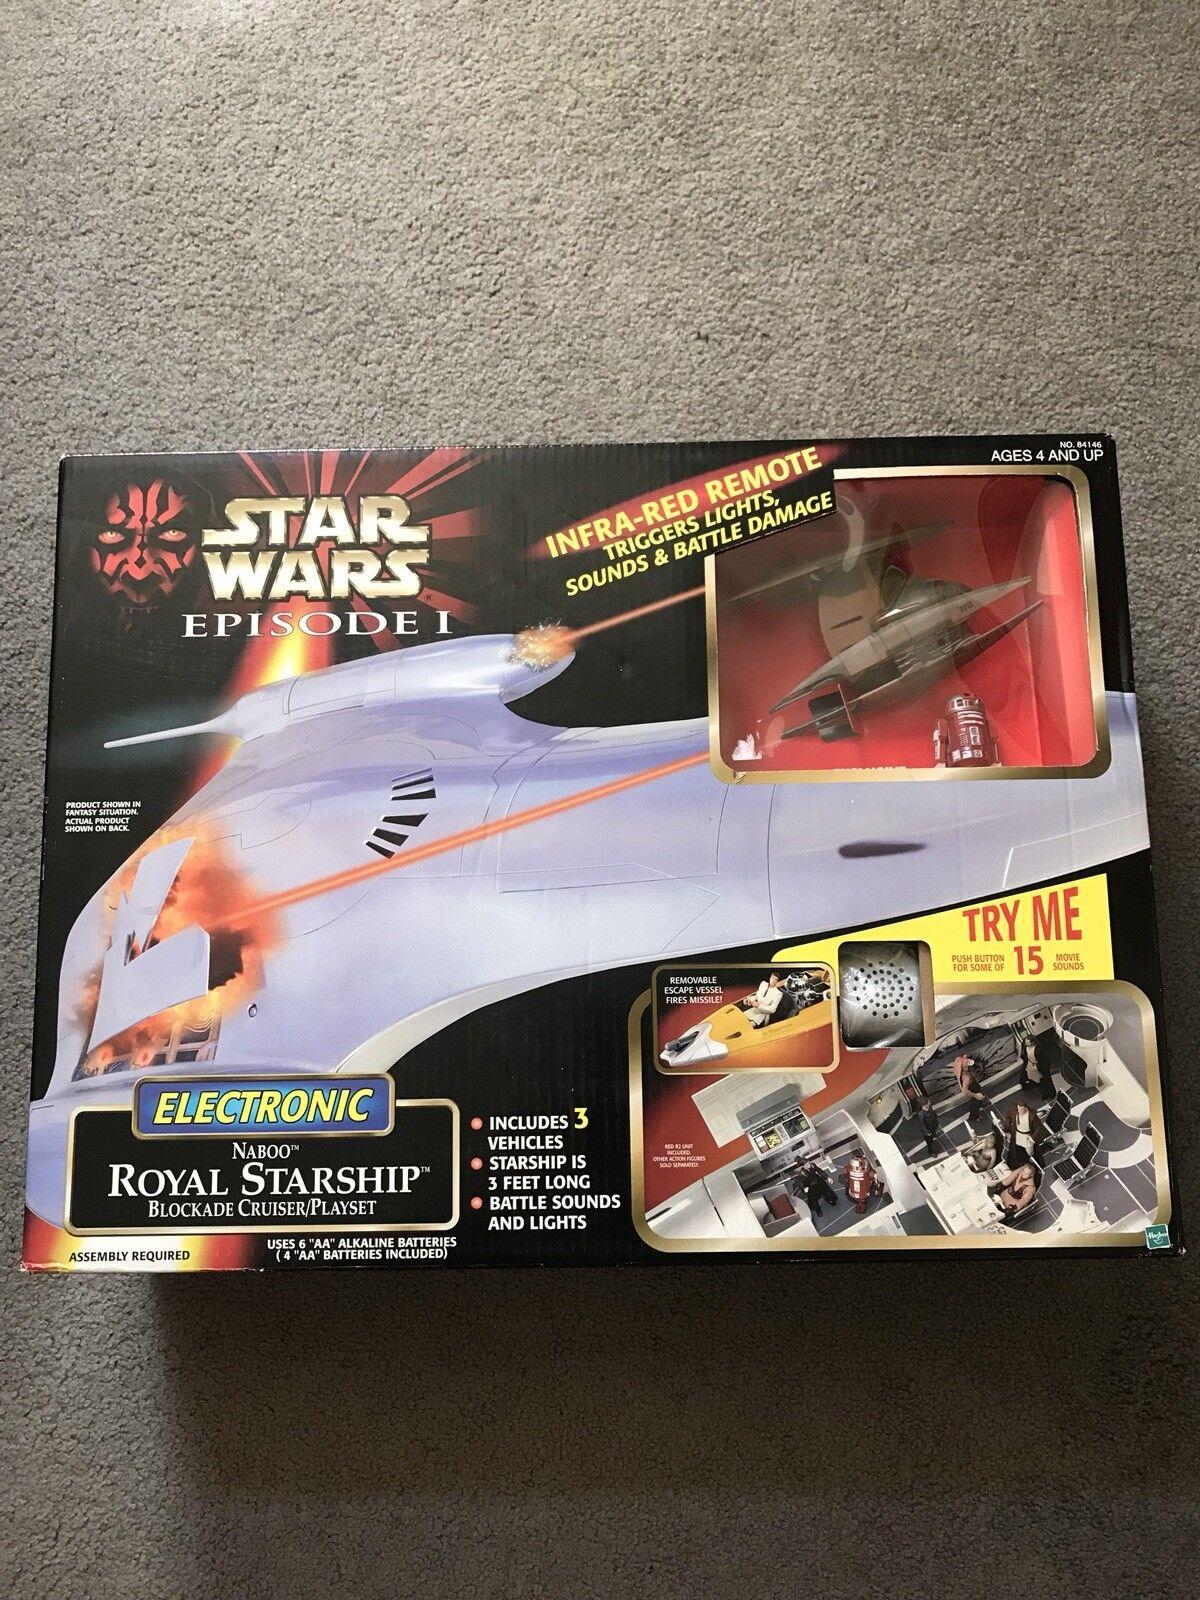 Envío 100% gratuito Estrella Wars Wars Wars episodio 1 electrónico Naboo Royal Estrellaship bloqueo Cruiser Jugarset  ofreciendo 100%